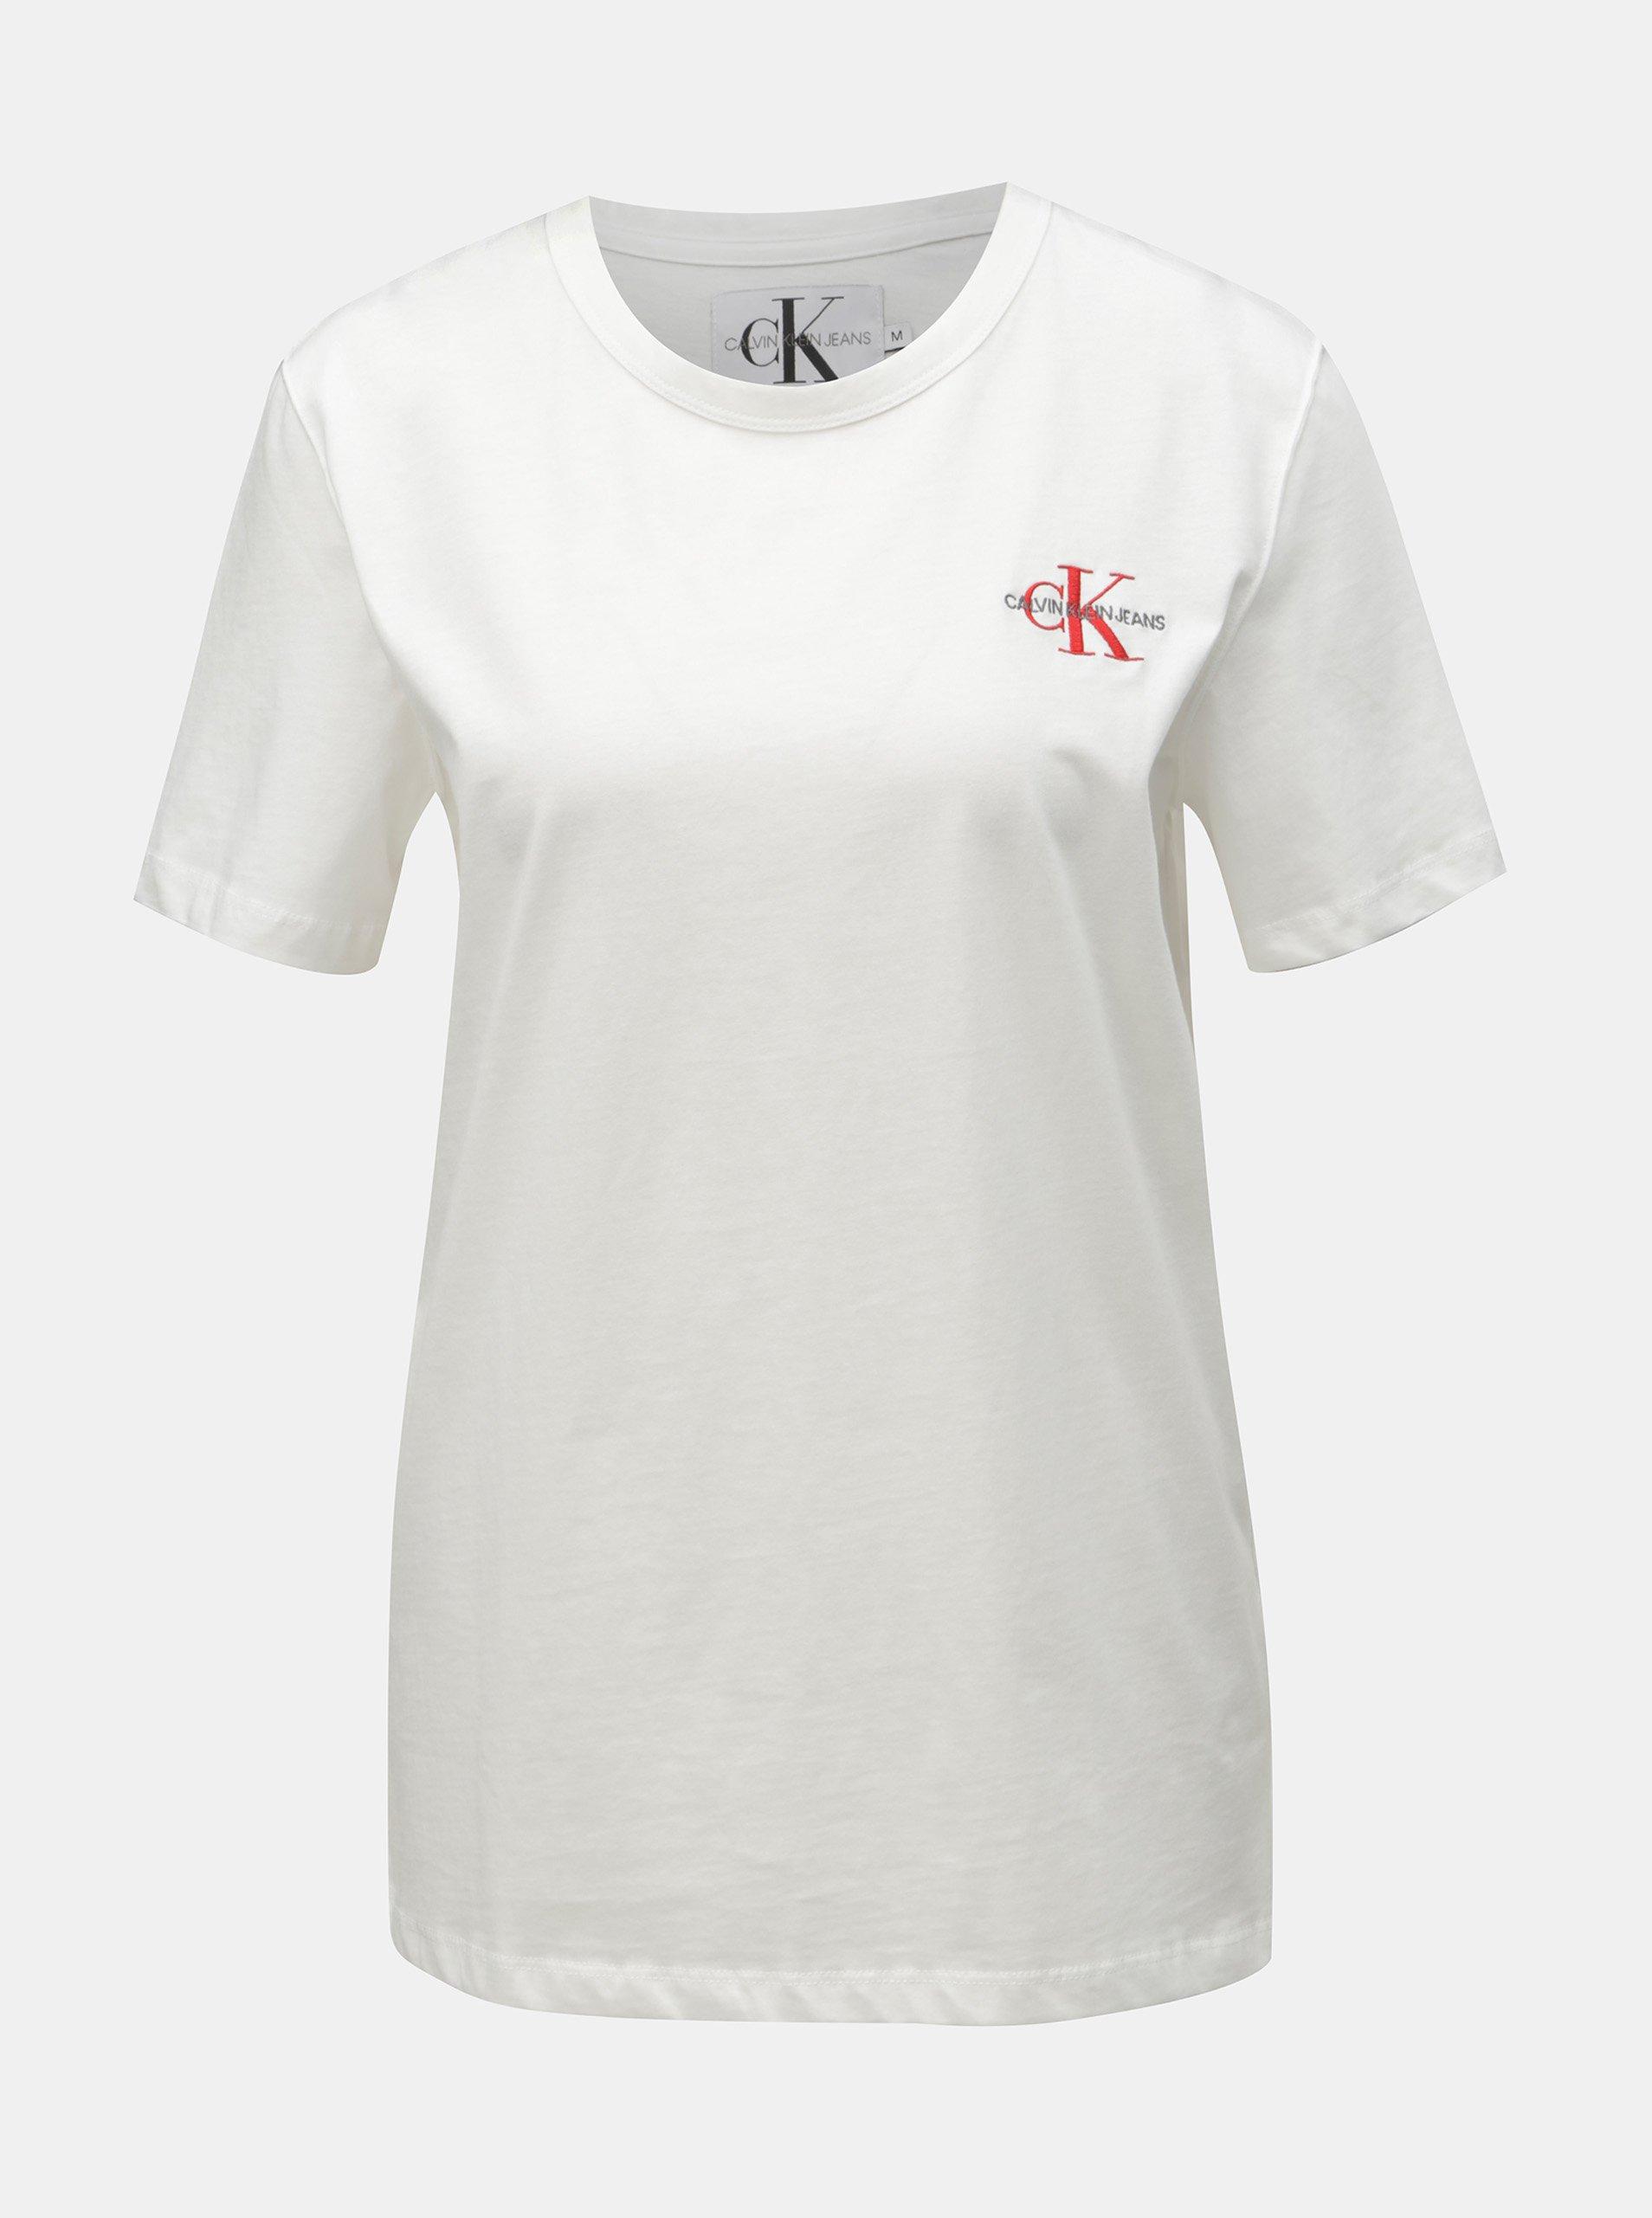 893641f9c Biele dámske tričko Calvin Klein Jeans. Biele dámske tričko Calvin Klein  Jeans; Biele dámske tričko Calvin Klein Jeans; Biele dámske tričko Calvin  Klein ...